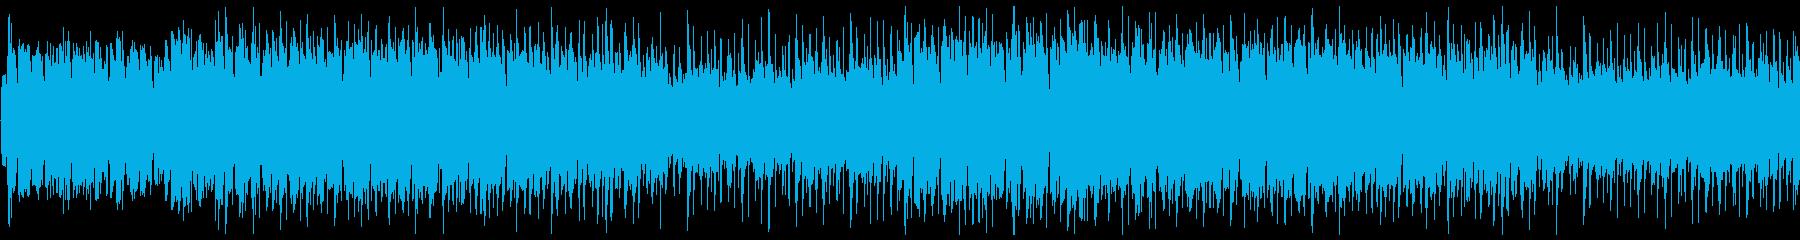 爽やかで明るい昼間のシーン(ループ)の再生済みの波形